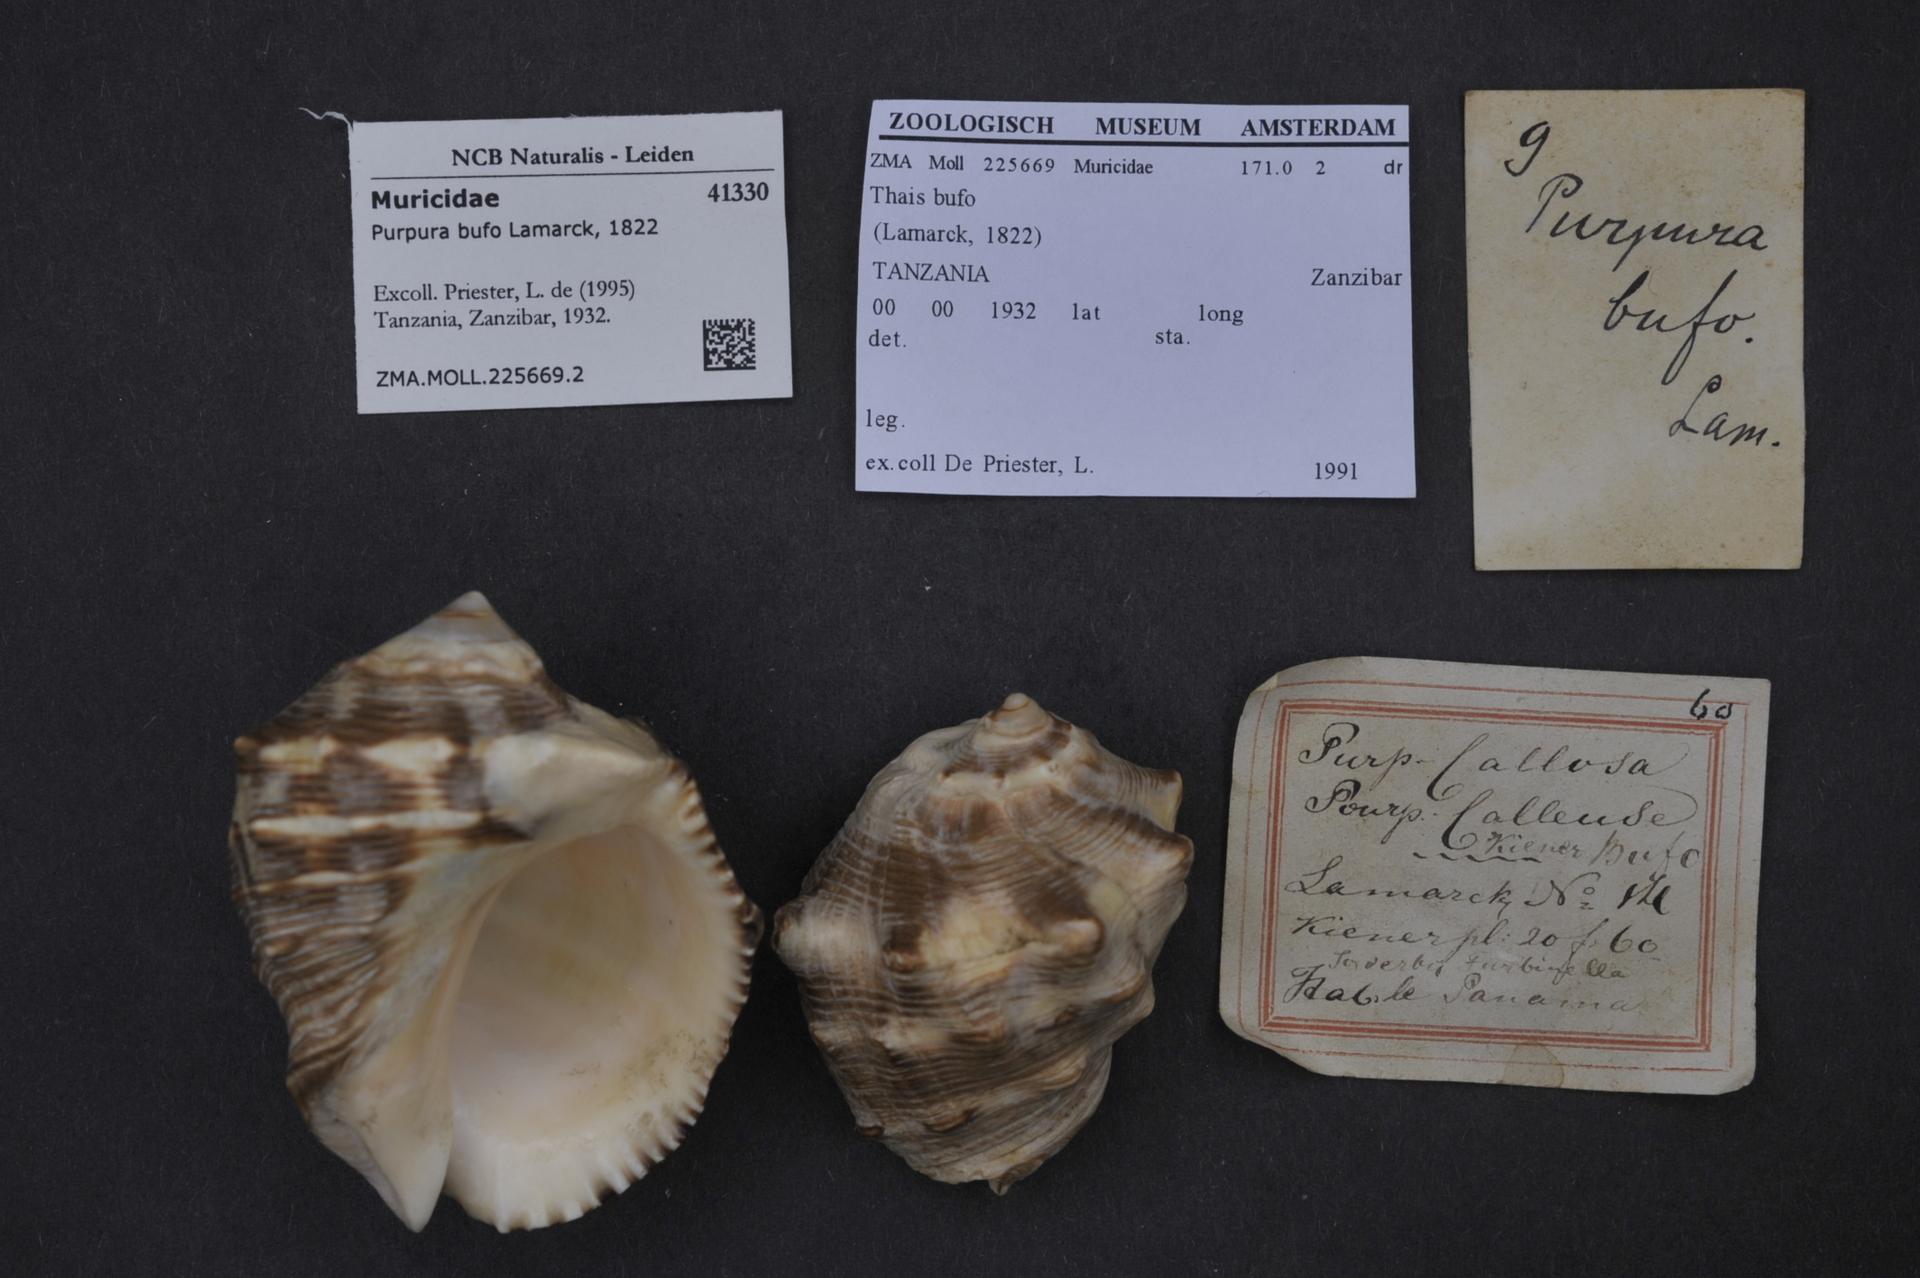 ZMA.MOLL.225669.2 | Purpura bufo Lamarck, 1822